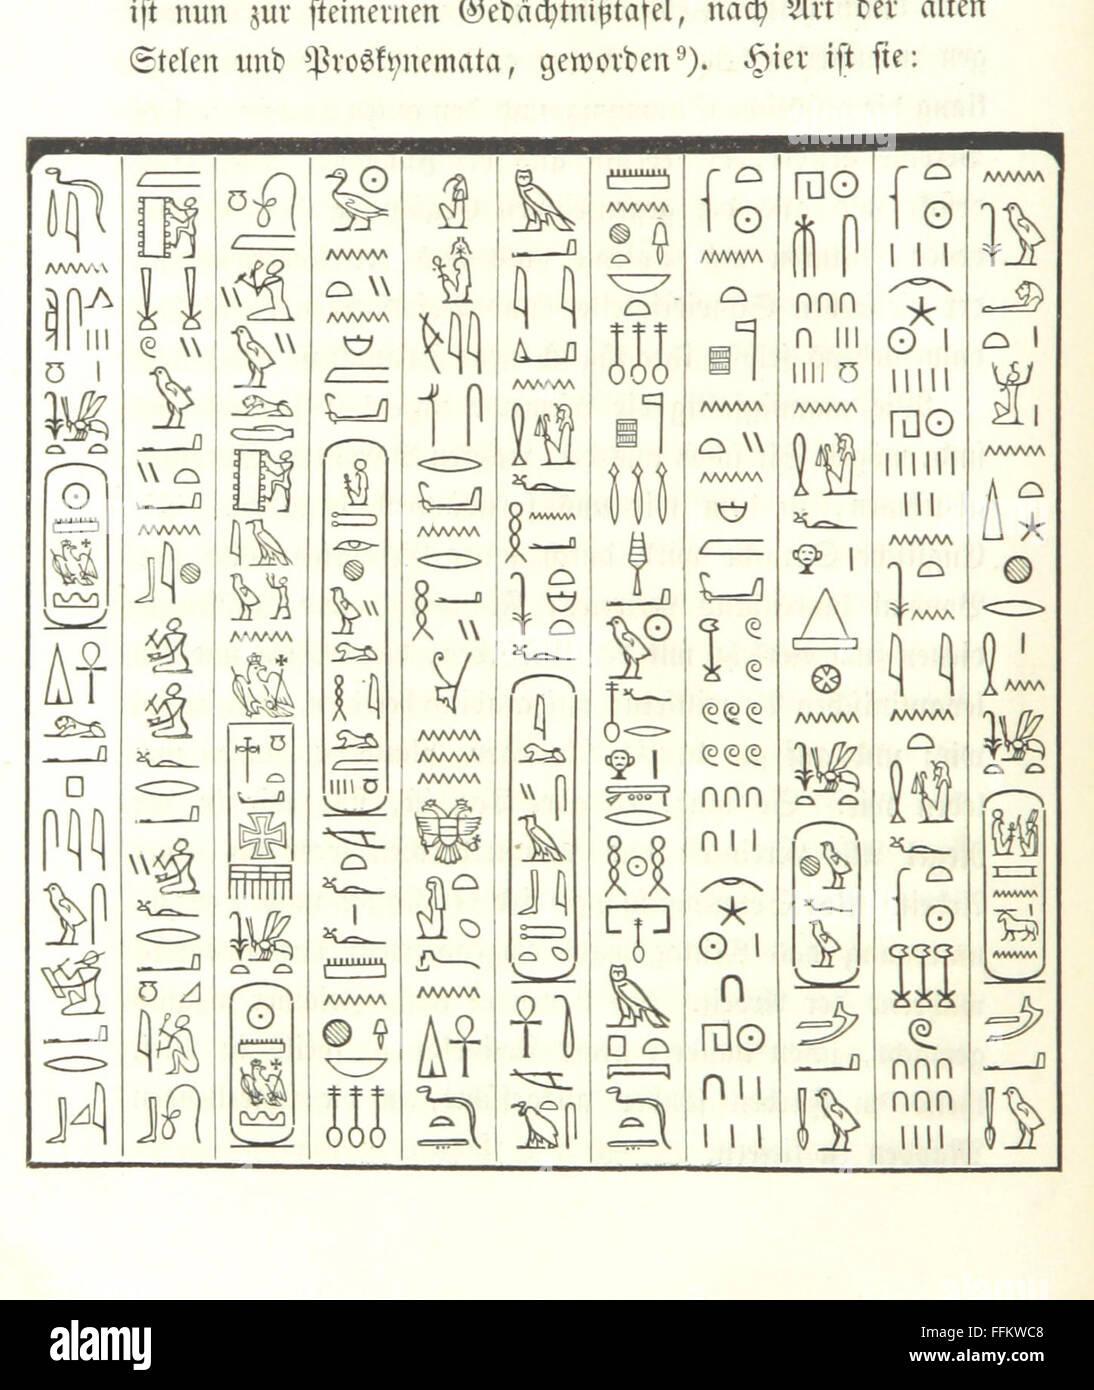 2 of 'Briefe aus Ægypten, Æthiopien, und der Halbinsel des Sinai, geschrieben in den Jahren 1842-1845, - Stock Image